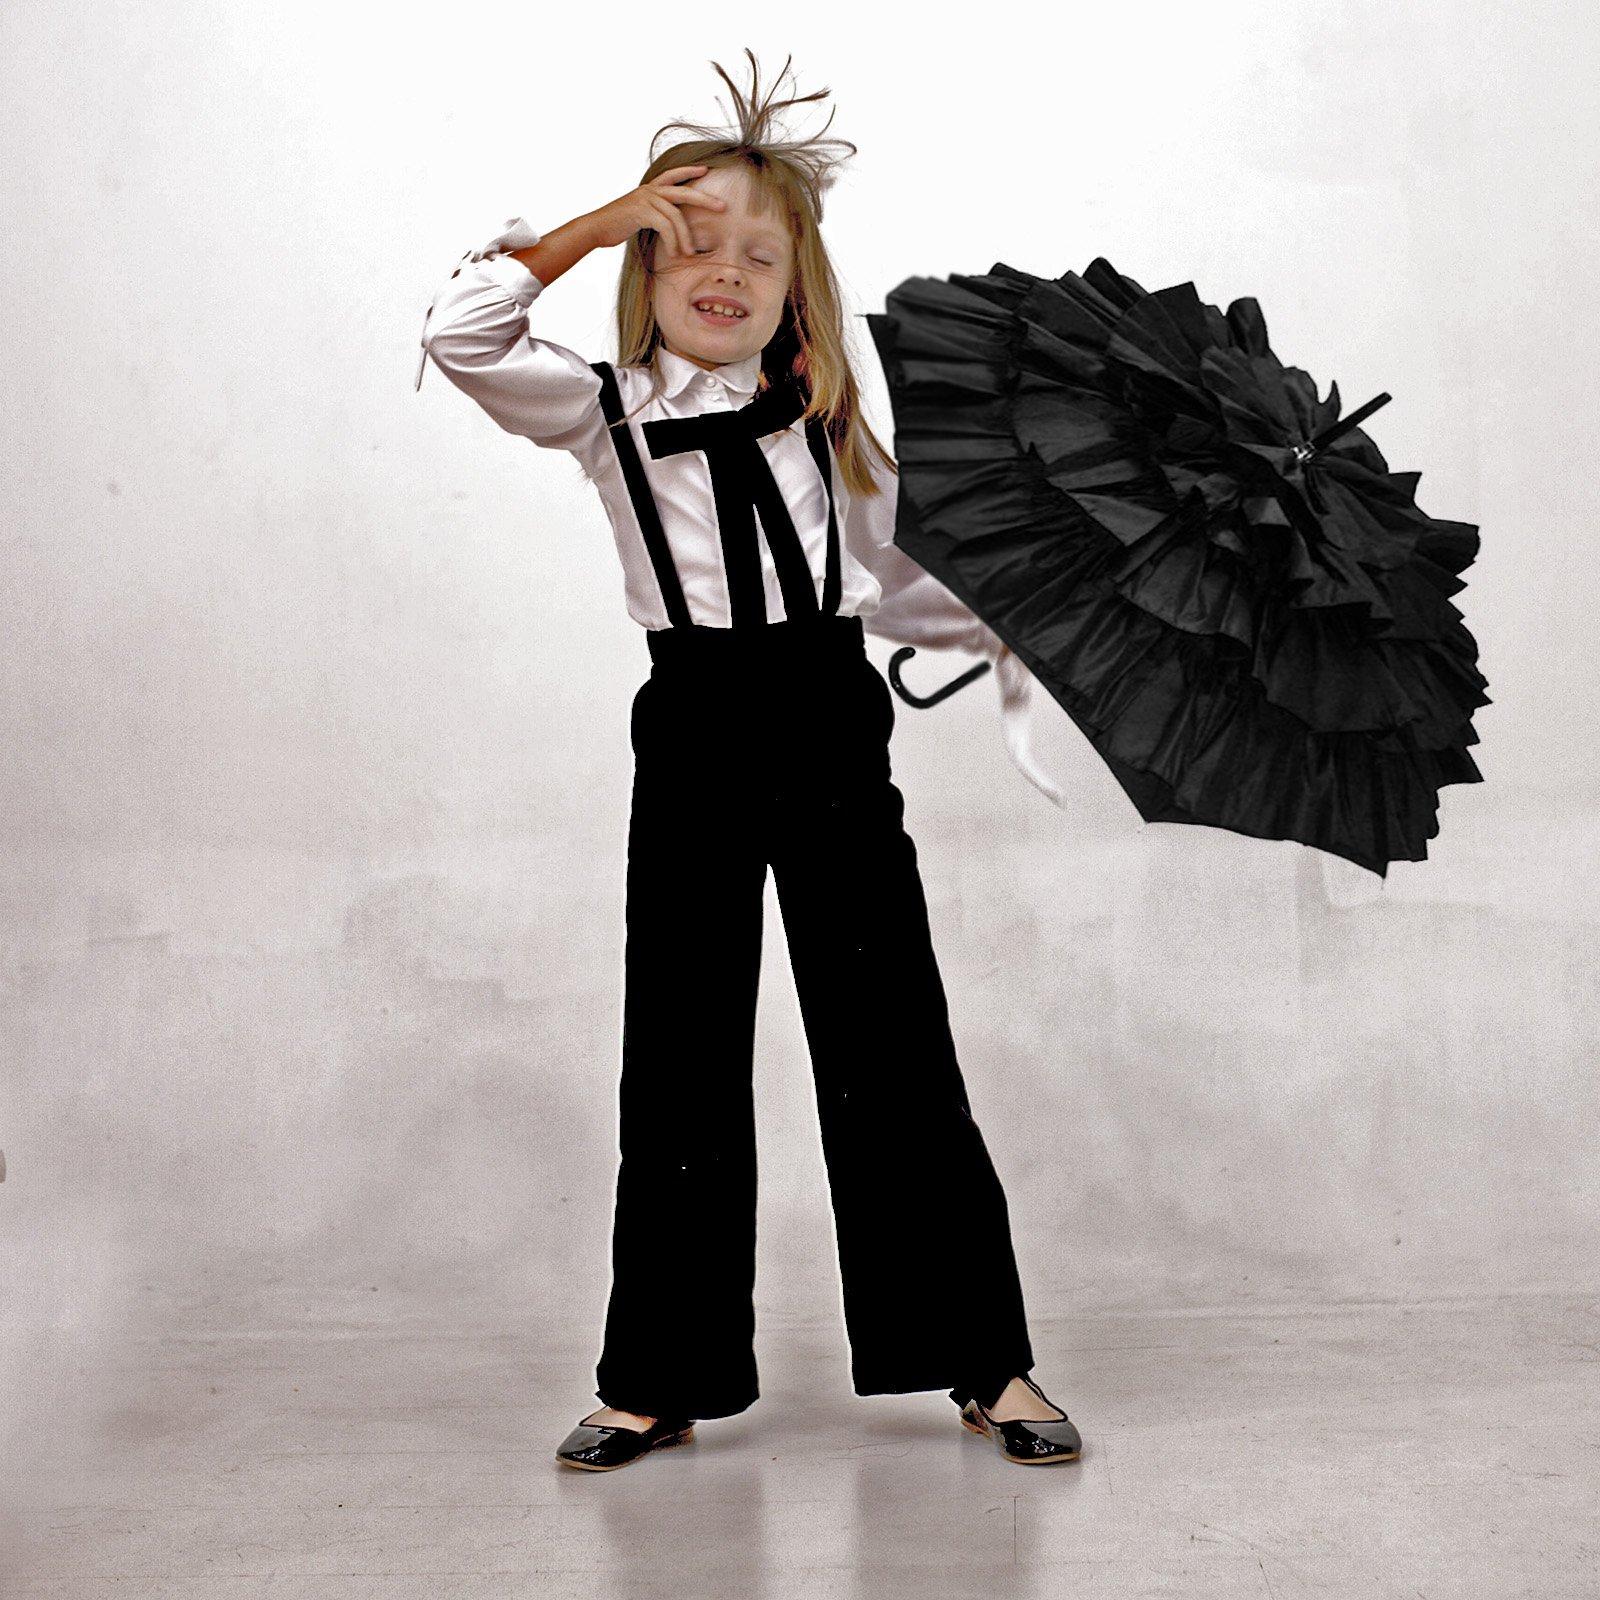 Spodnie na szelkach bawełna czarny - Domino.little.dress